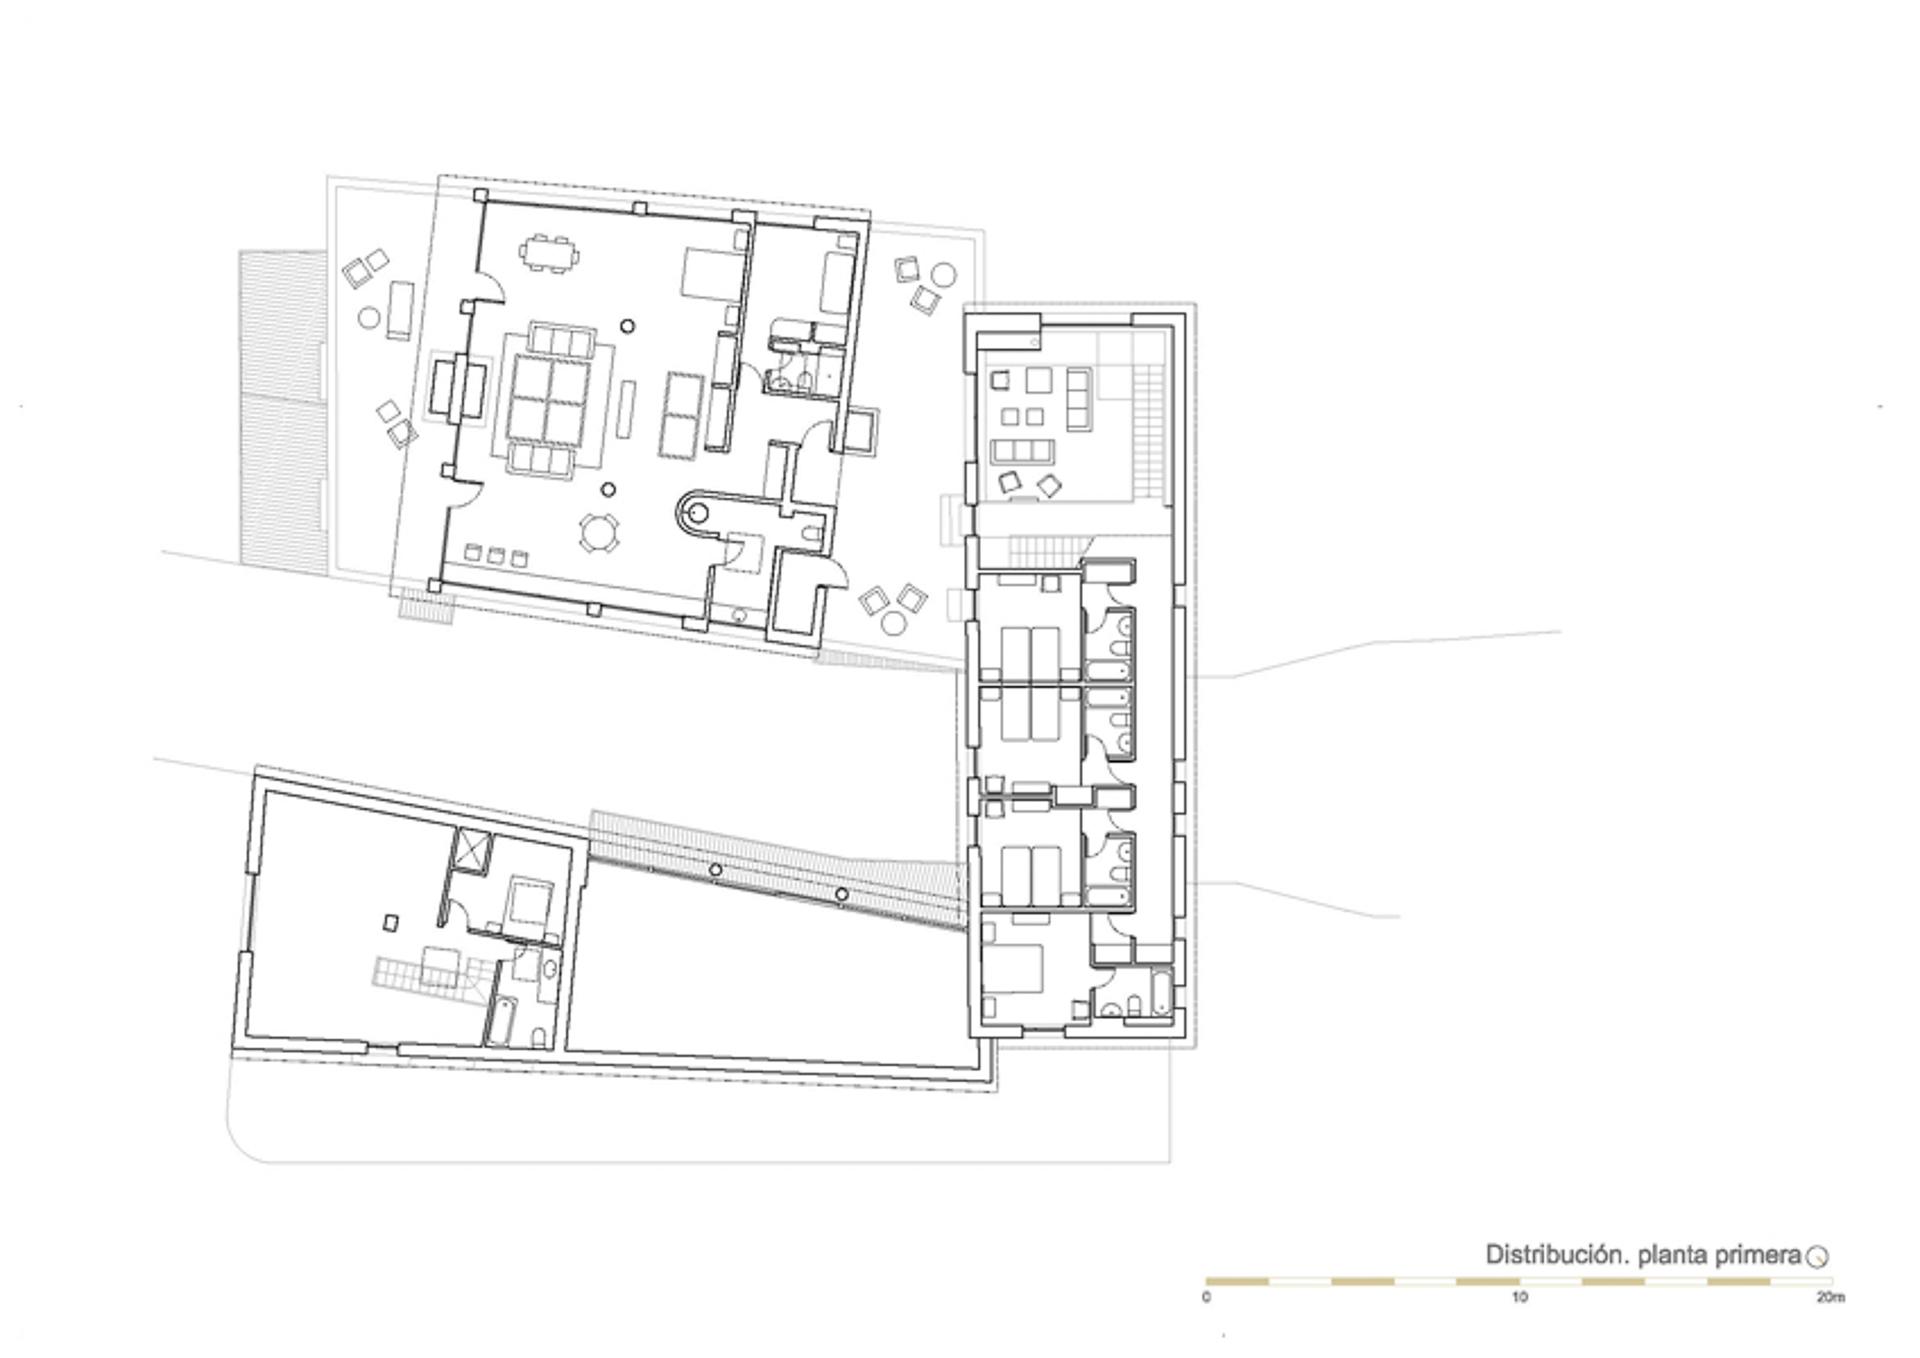 HOTEL_MOLINO_D_SALINAS_Maroto_Ibañez_arquitectos10